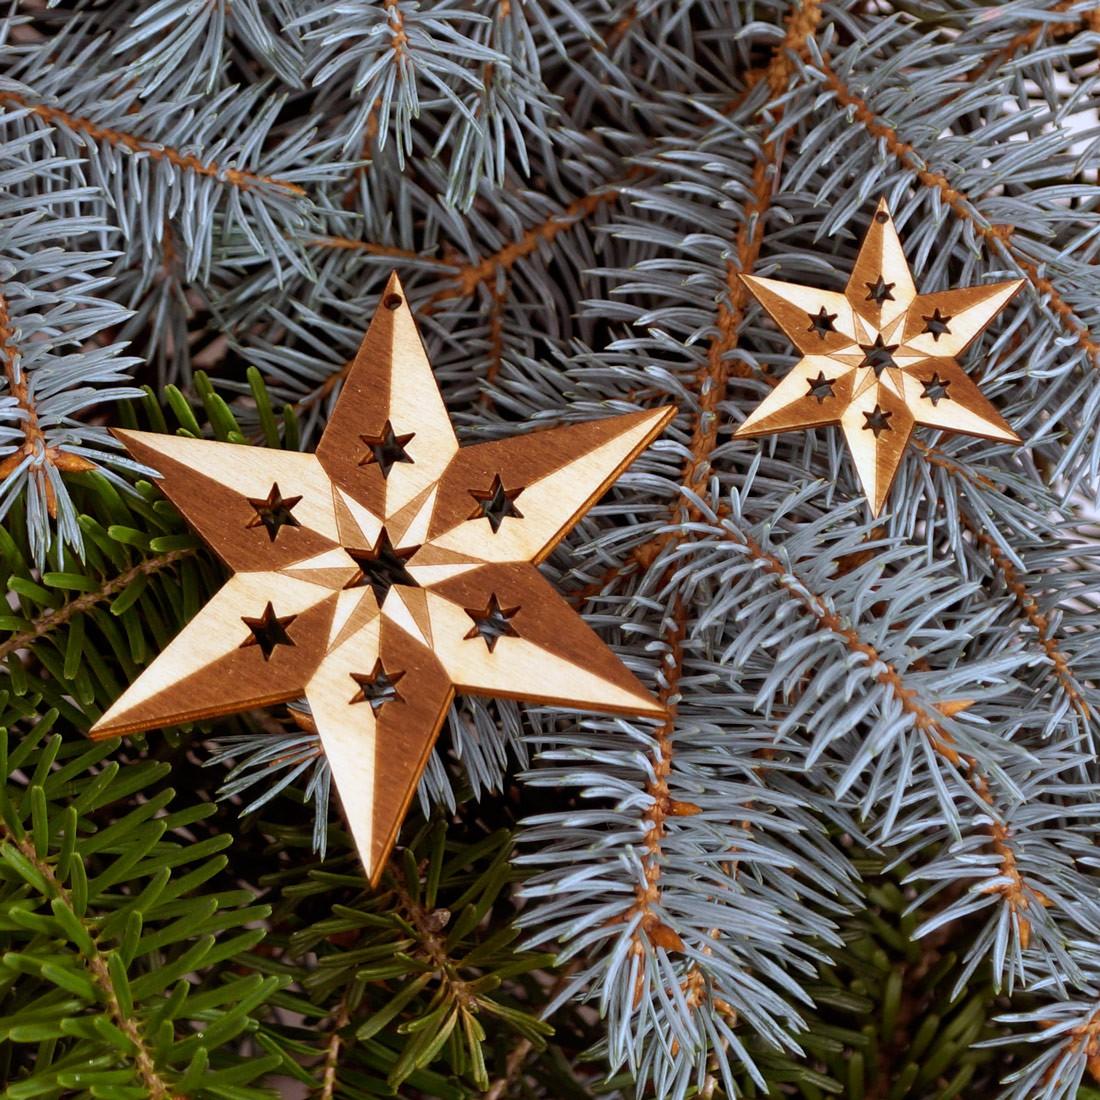 Baumschmuck 2er Sets 6 armige Sterne graviert Baumbehang - Deko aus Holz für Weihnachten